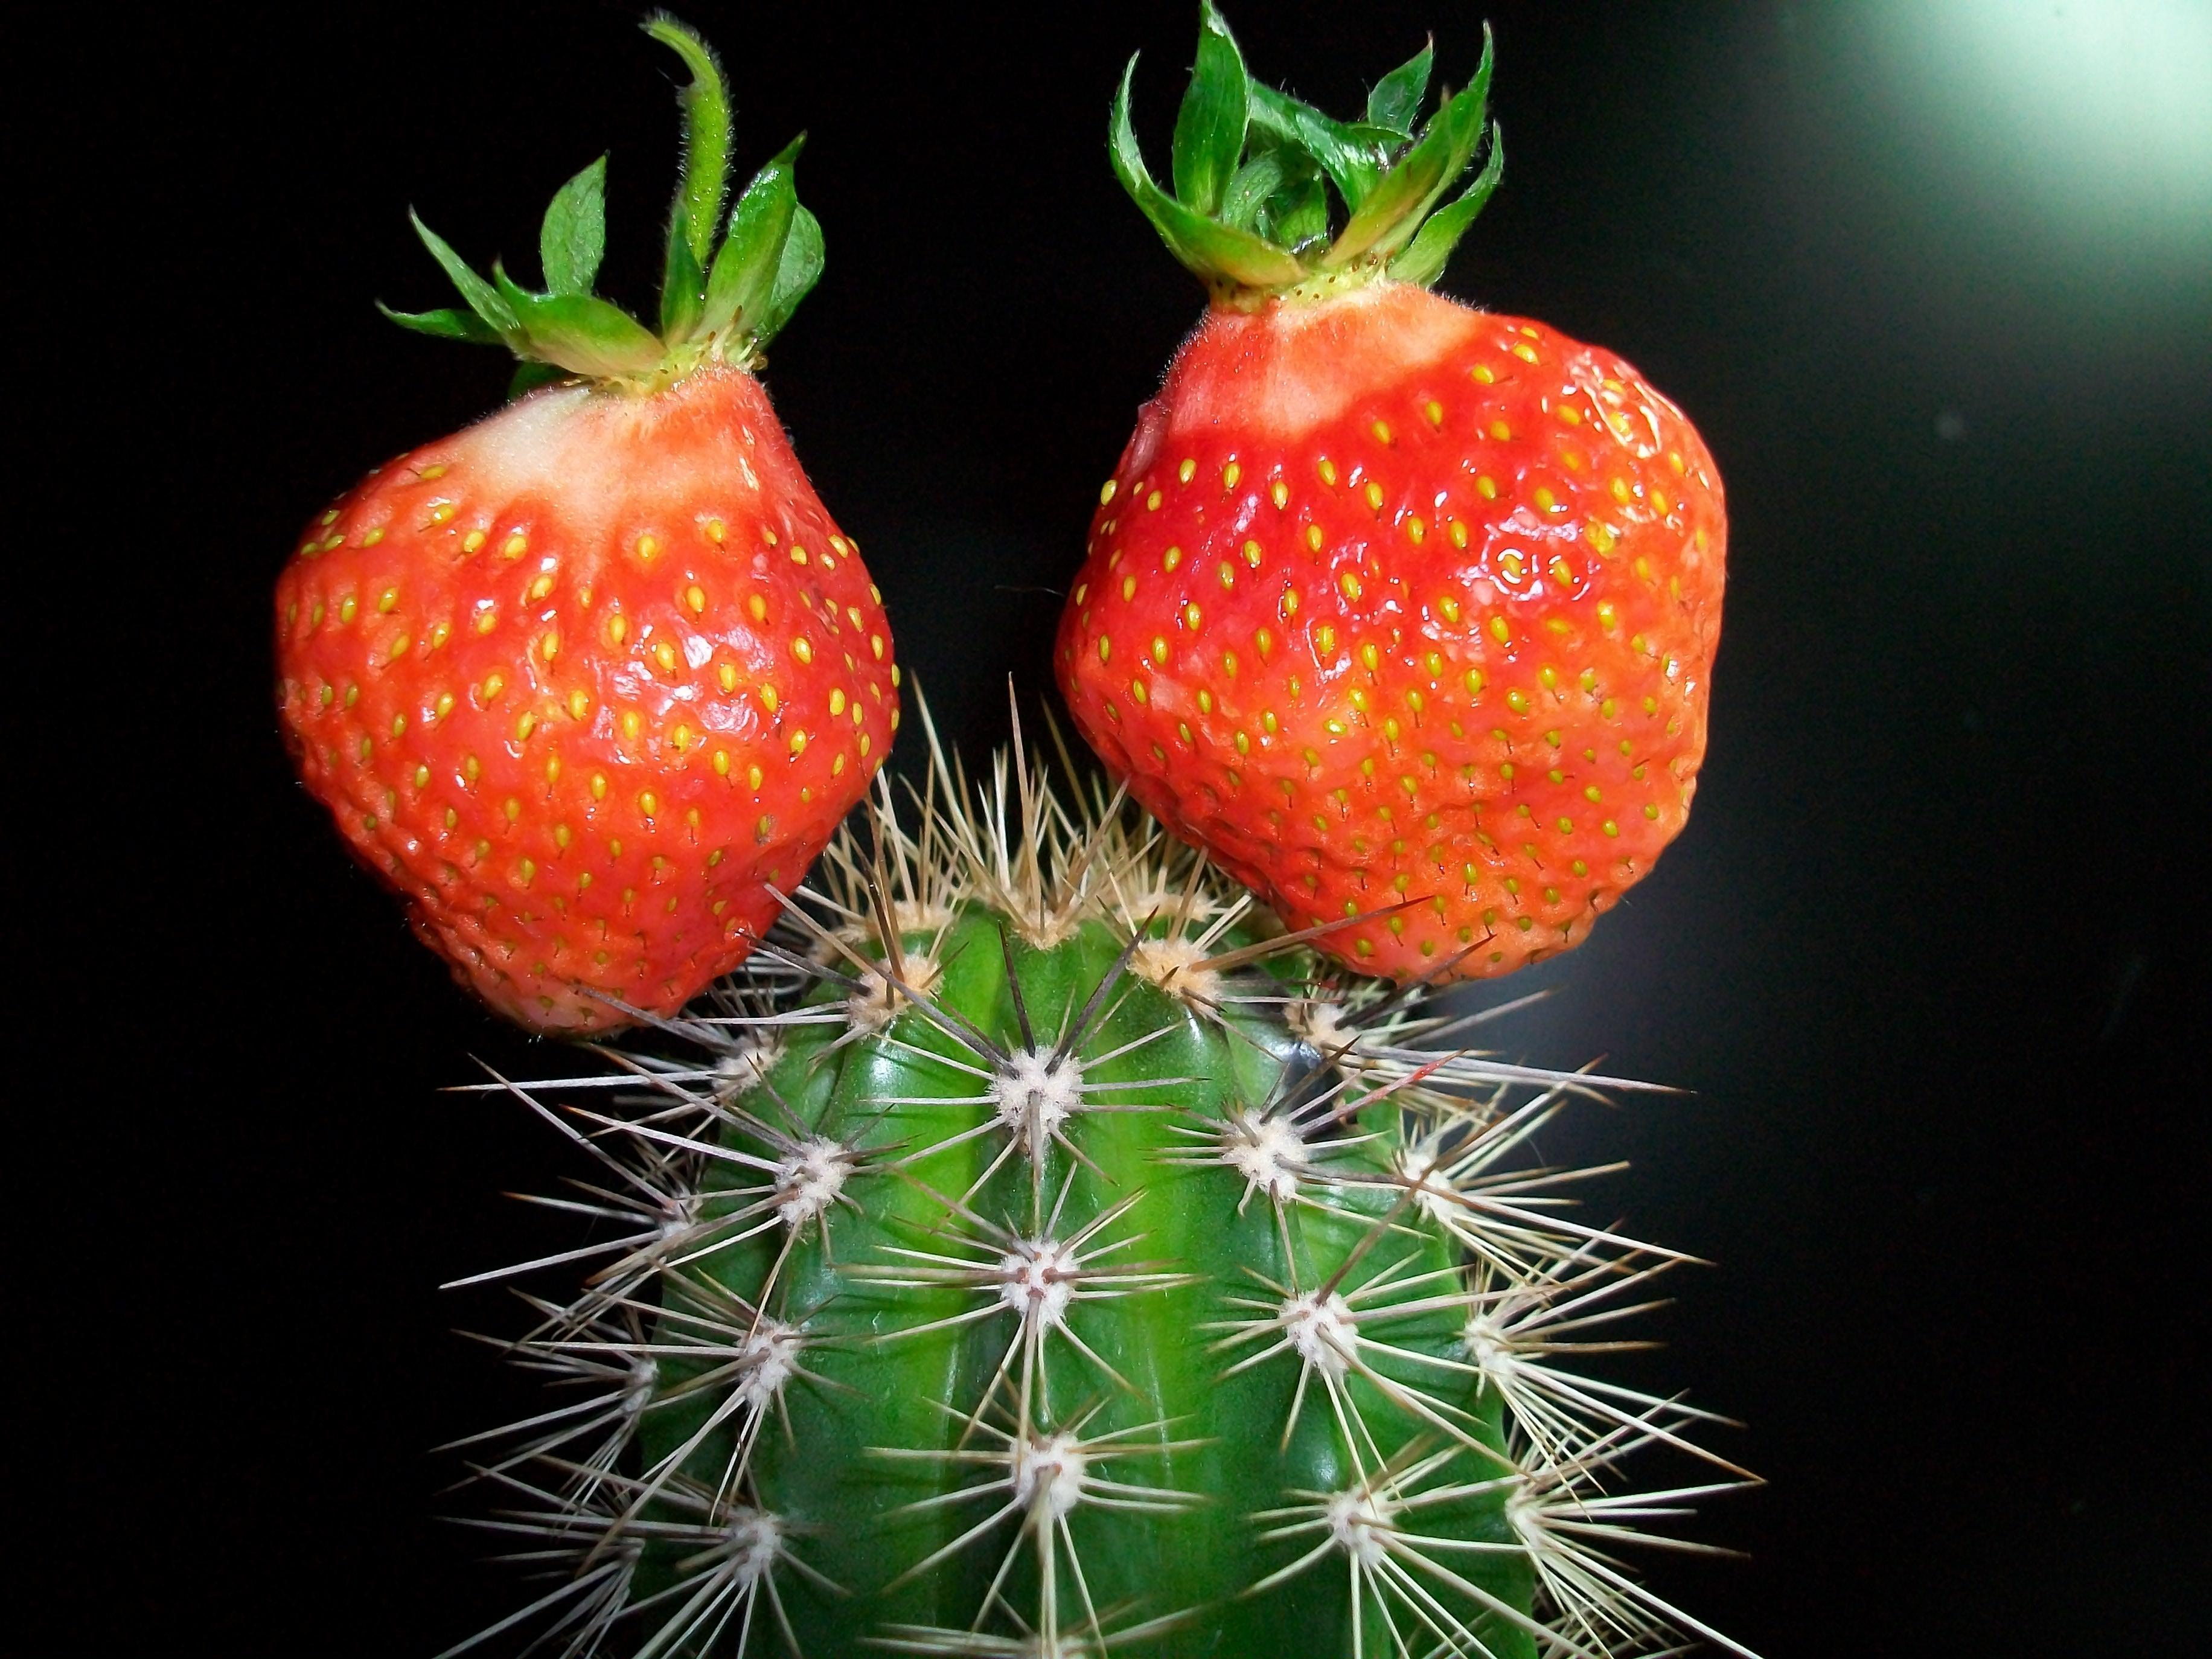 123569 descargar fondo de pantalla Miscelánea, Misceláneo, Cactus, Cacto, Fresa, Creativo: protectores de pantalla e imágenes gratis